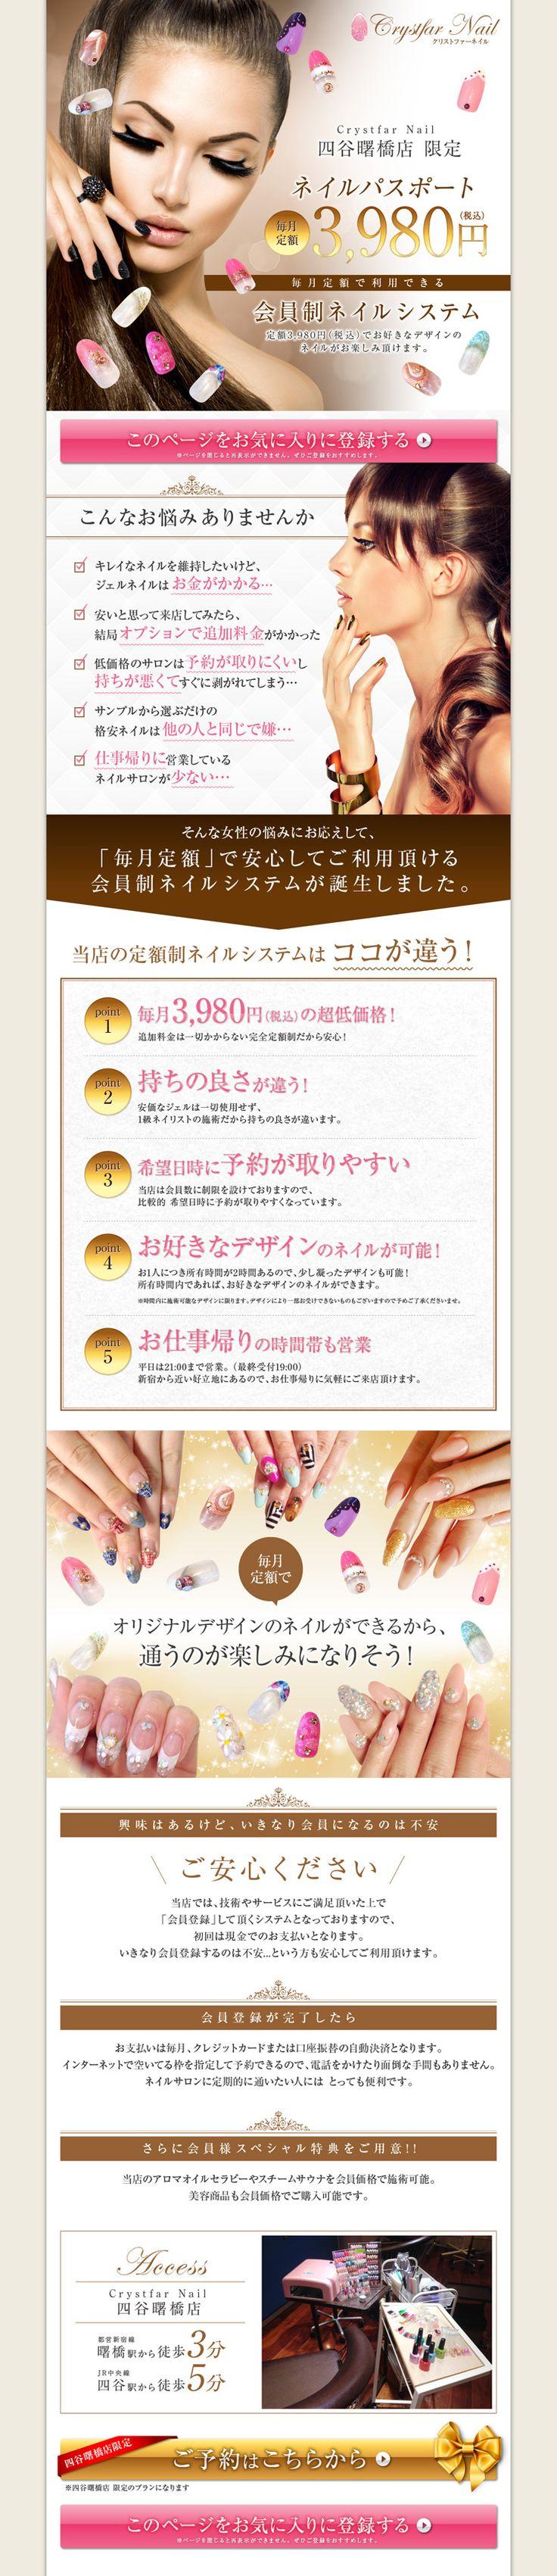 ネイルパスポート | ランディングページ制作 商品ページデザイン|東京・大阪